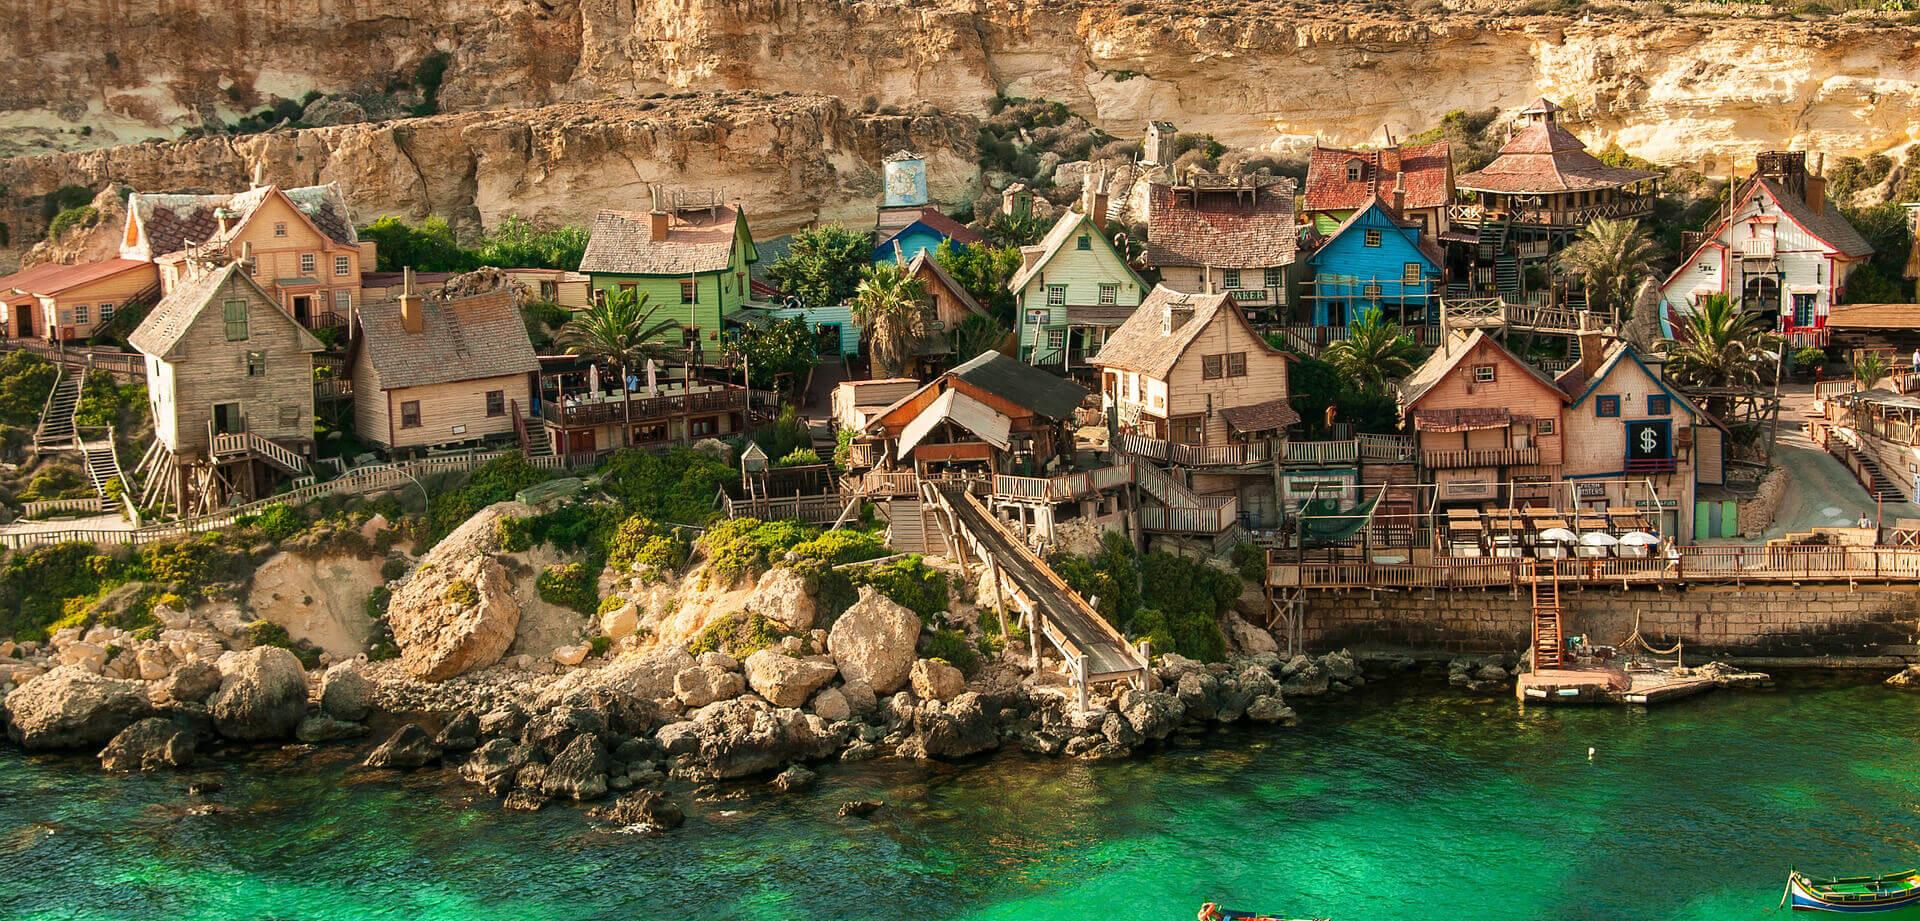 Malta - Country